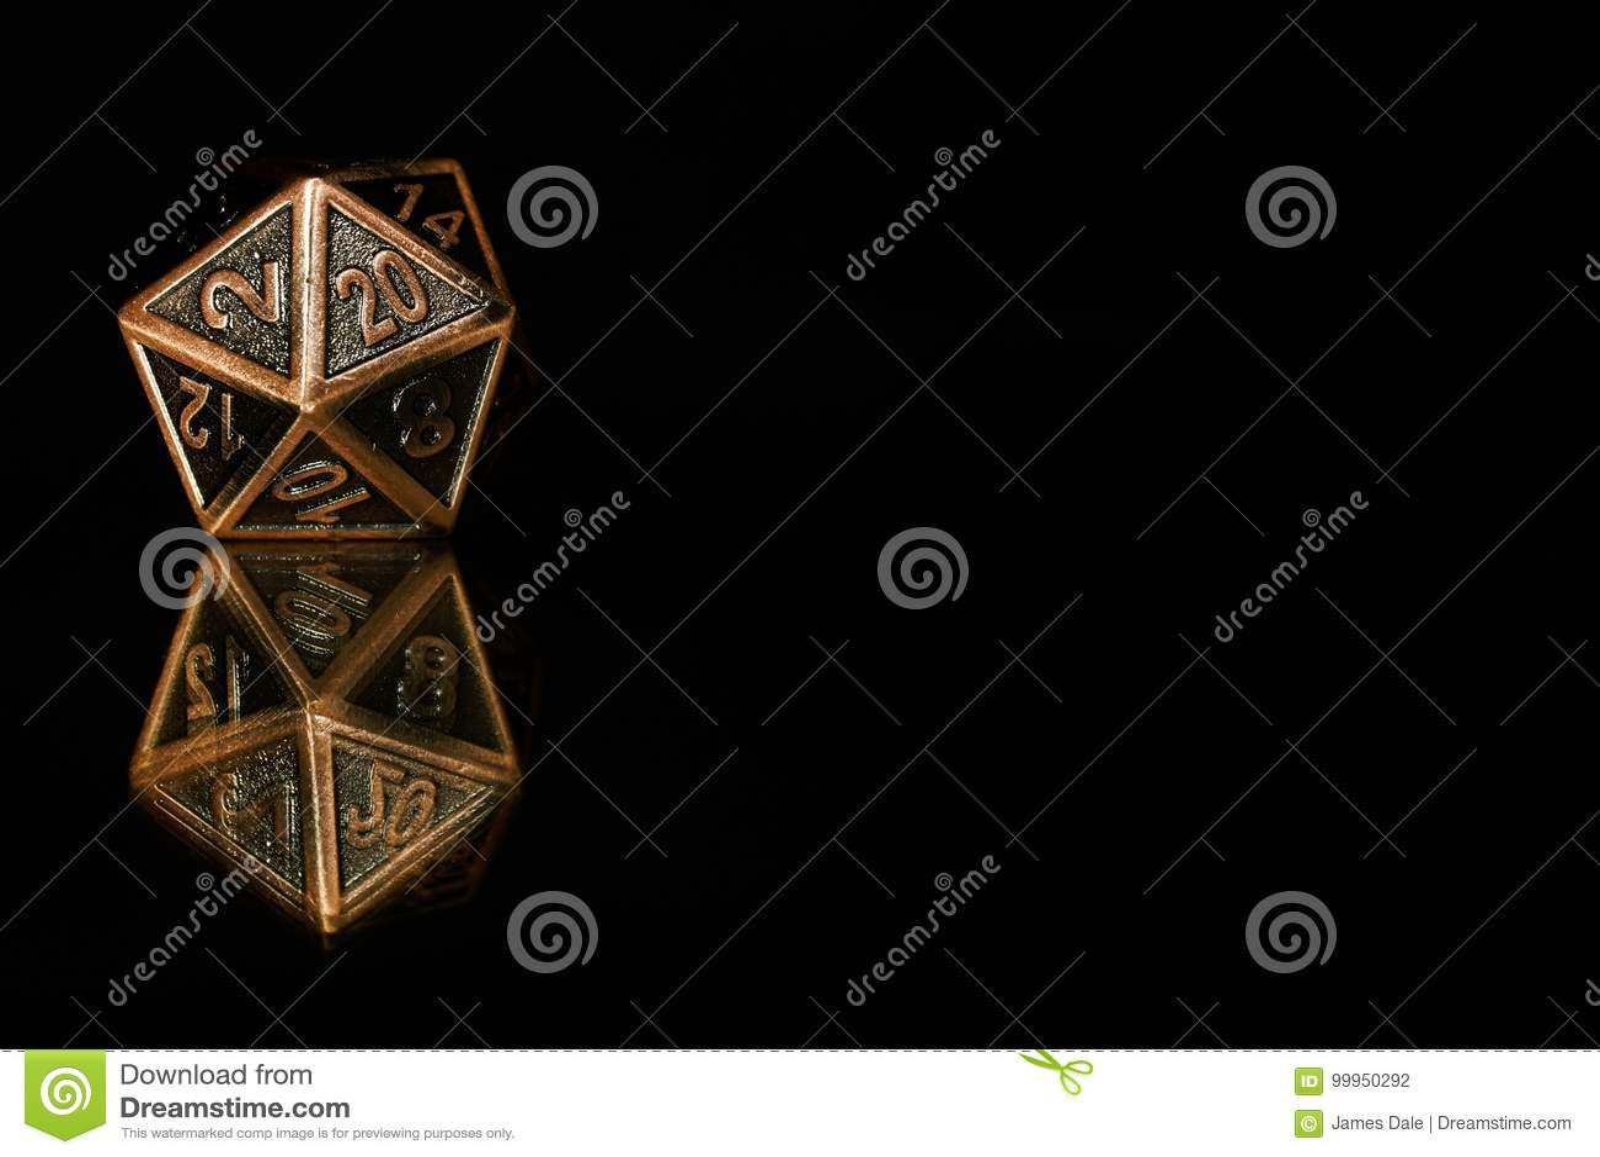 Veinte Polihedricos Echados A Un Lado Mueren Utilizado Para El Papel